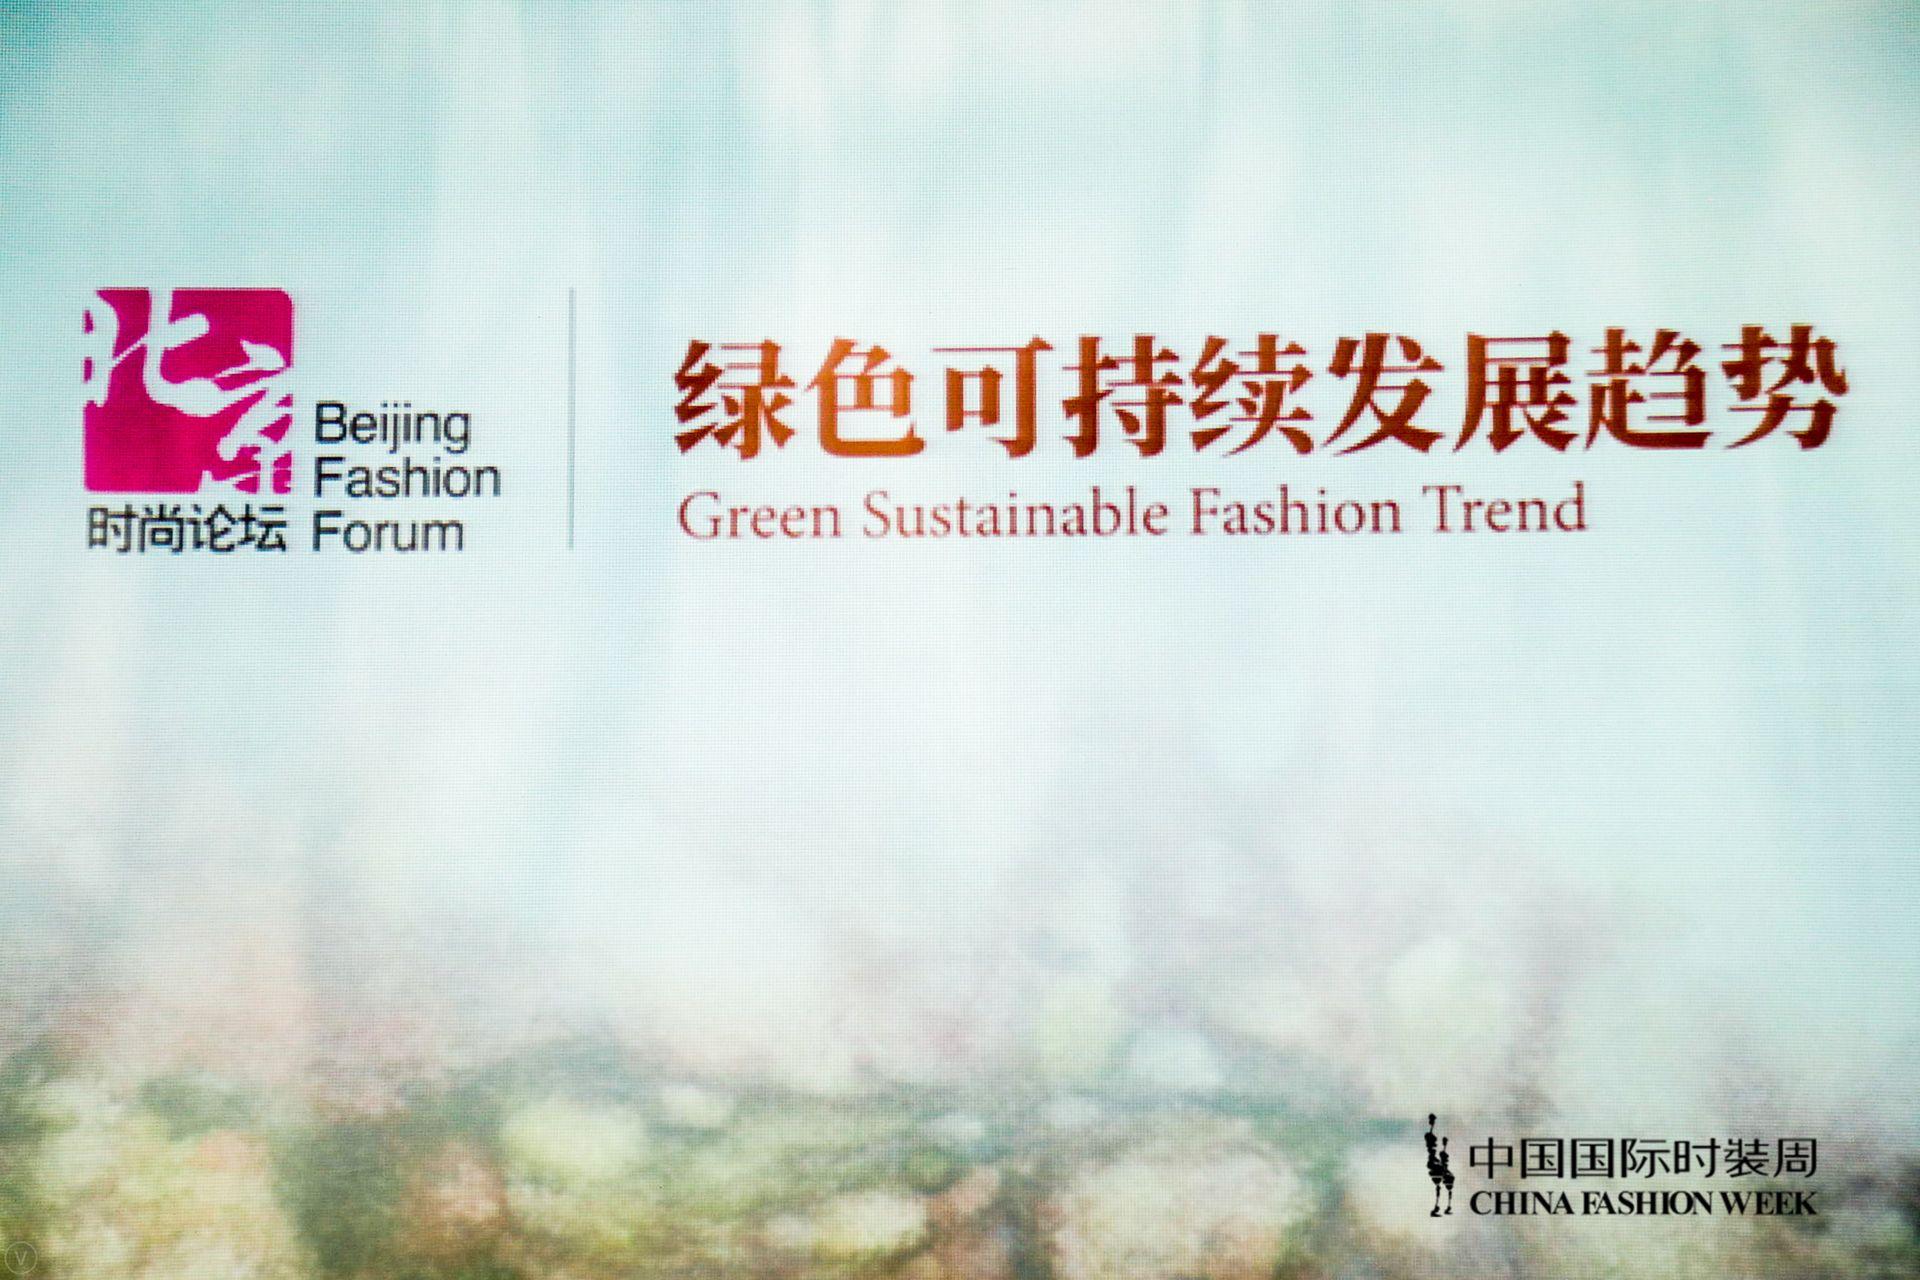 """中国国际时装周绿色可持续发展趋势论坛 BACA BeiLon""""0% WASTE""""未来时尚设计"""